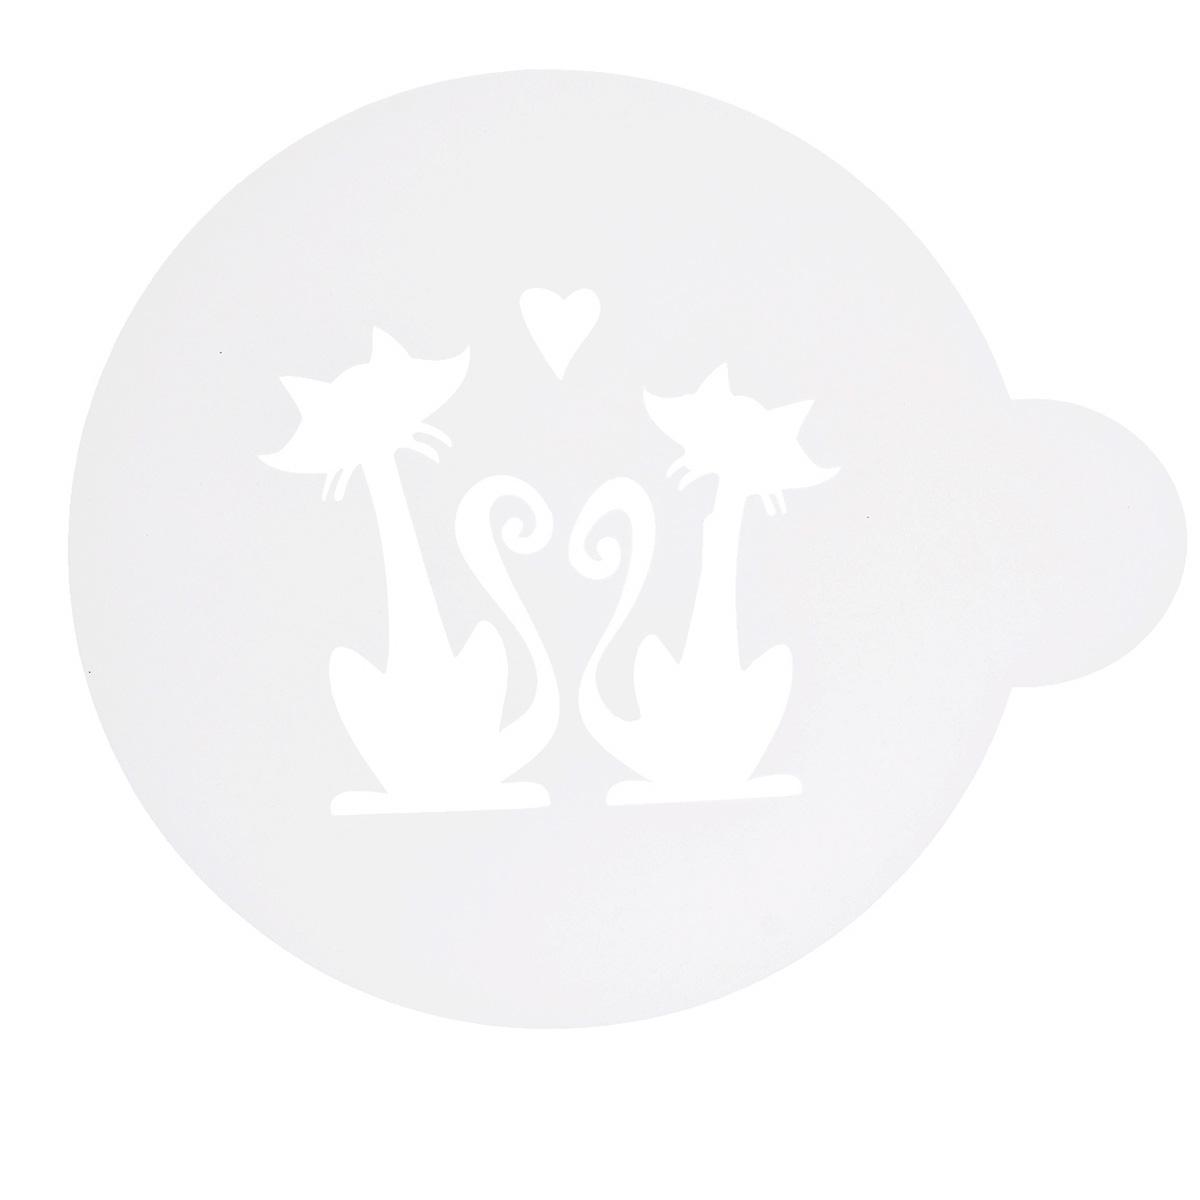 Трафарет на кофе и десерты Леденцовая фабрика Влюбленная парочка, диаметр 10 см94672Трафарет представляет собой пластину с прорезями, через которые пищевая краска (сахарная пудра, какао, шоколад, сливки, корица, дробленый орех) наносится на поверхность кофе, молочных коктейлей, десертов. Трафарет изготовлен из матового пищевого пластика 250 мкм и пригоден для контакта с пищевыми продуктами. Трафарет многоразовый. Побалуйте себя и ваших близких красиво оформленным кофе.